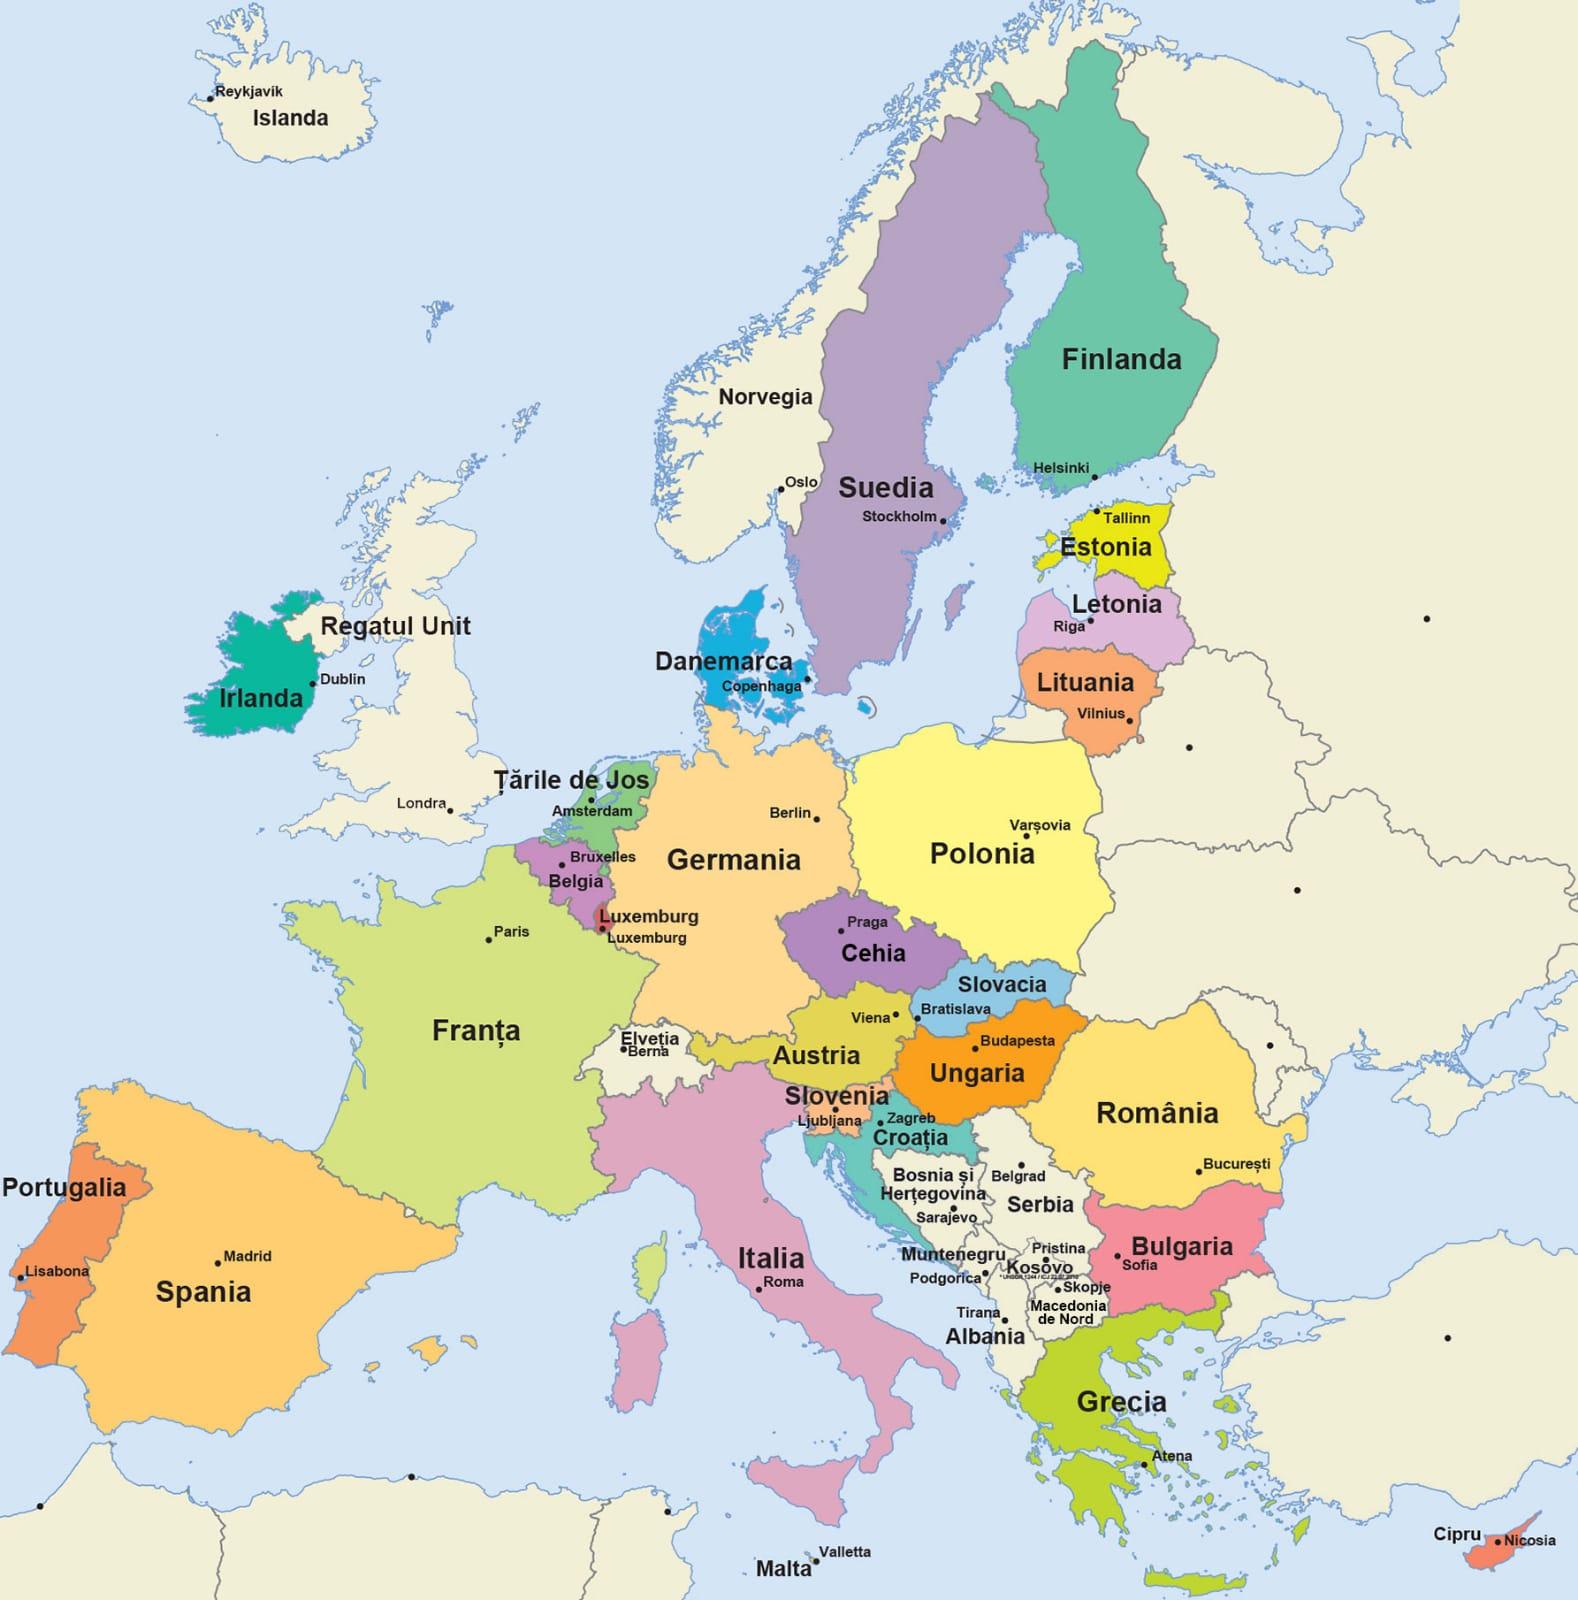 Capitale cunoscute din Europa